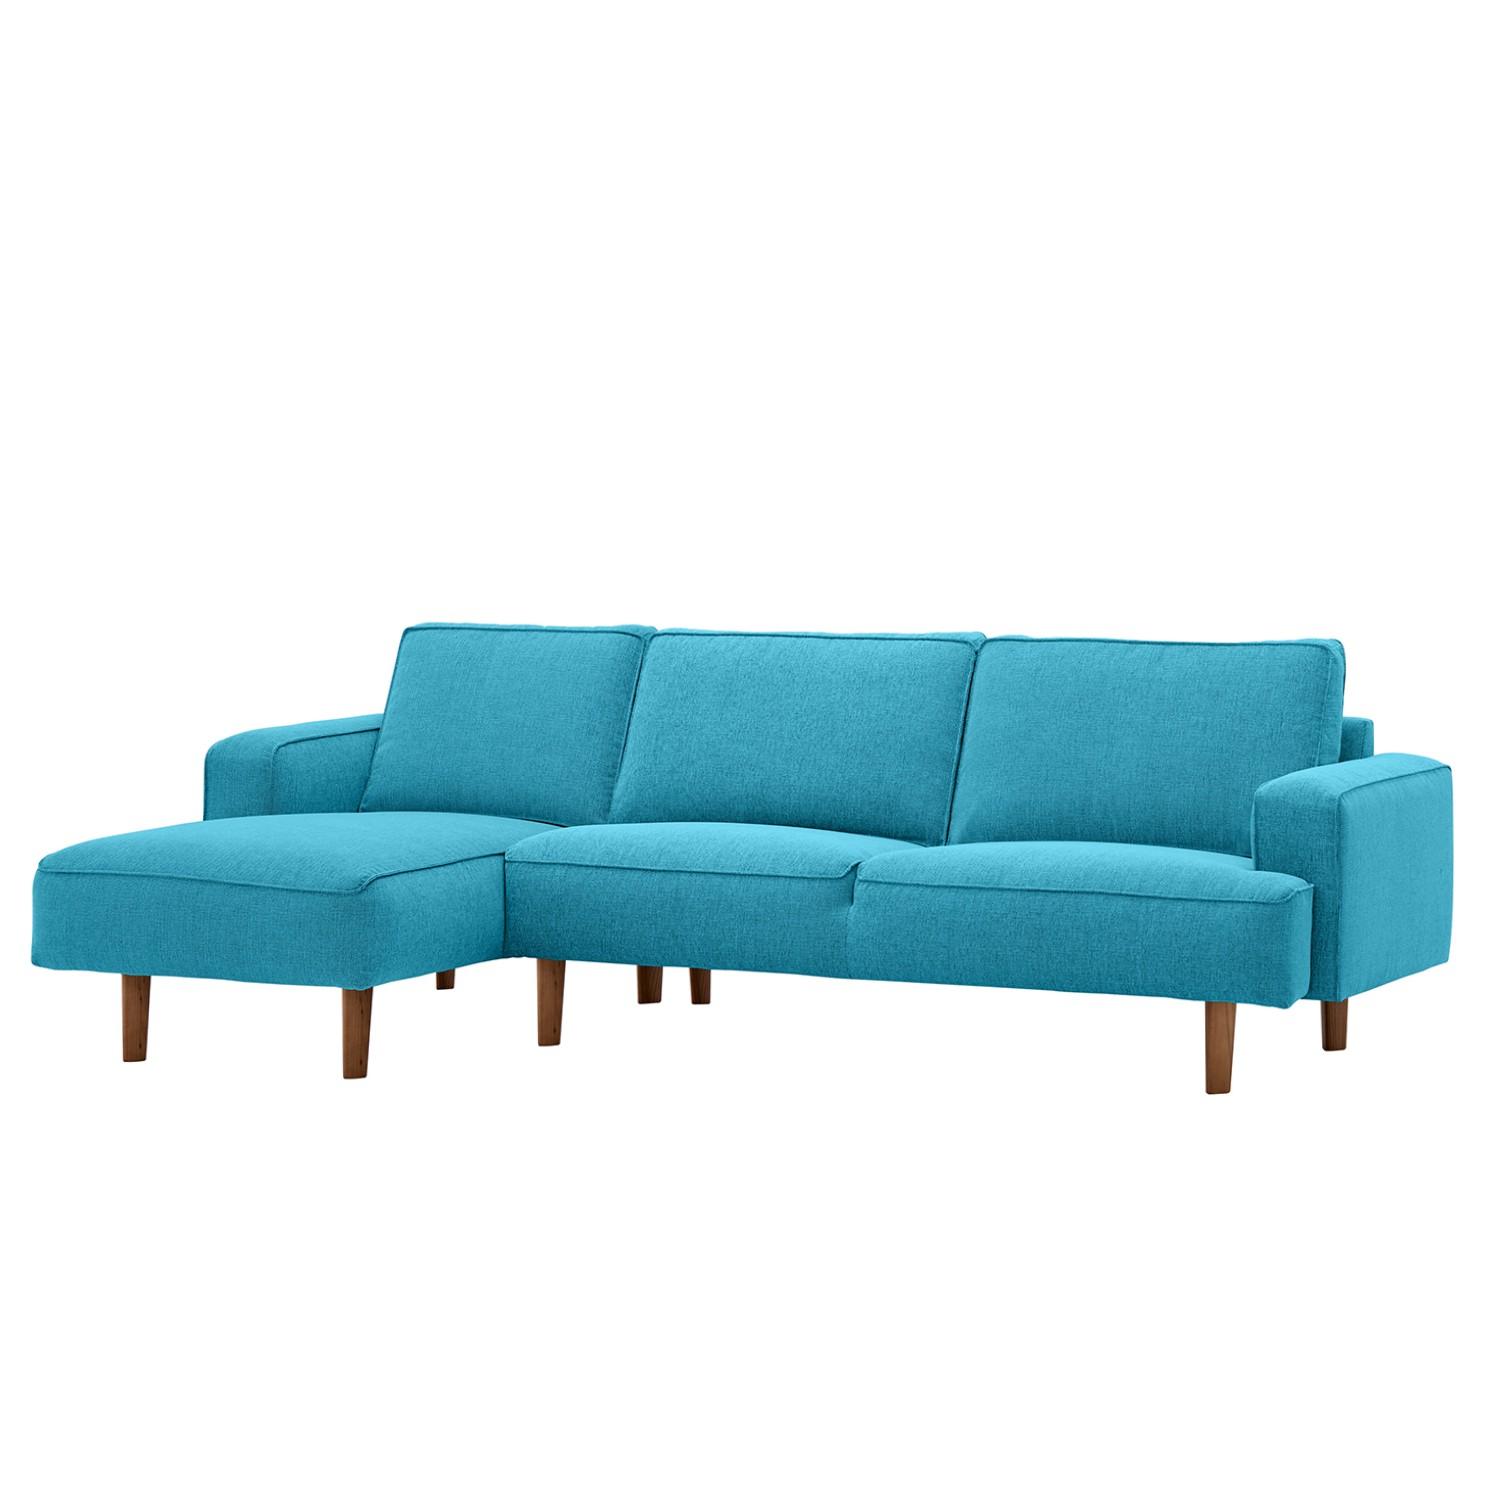 goedkoop Hoekbank Navona geweven stof longchair vooraanzicht links Walnootkleurig Stof Anda II Turquoise Studio Copenhagen